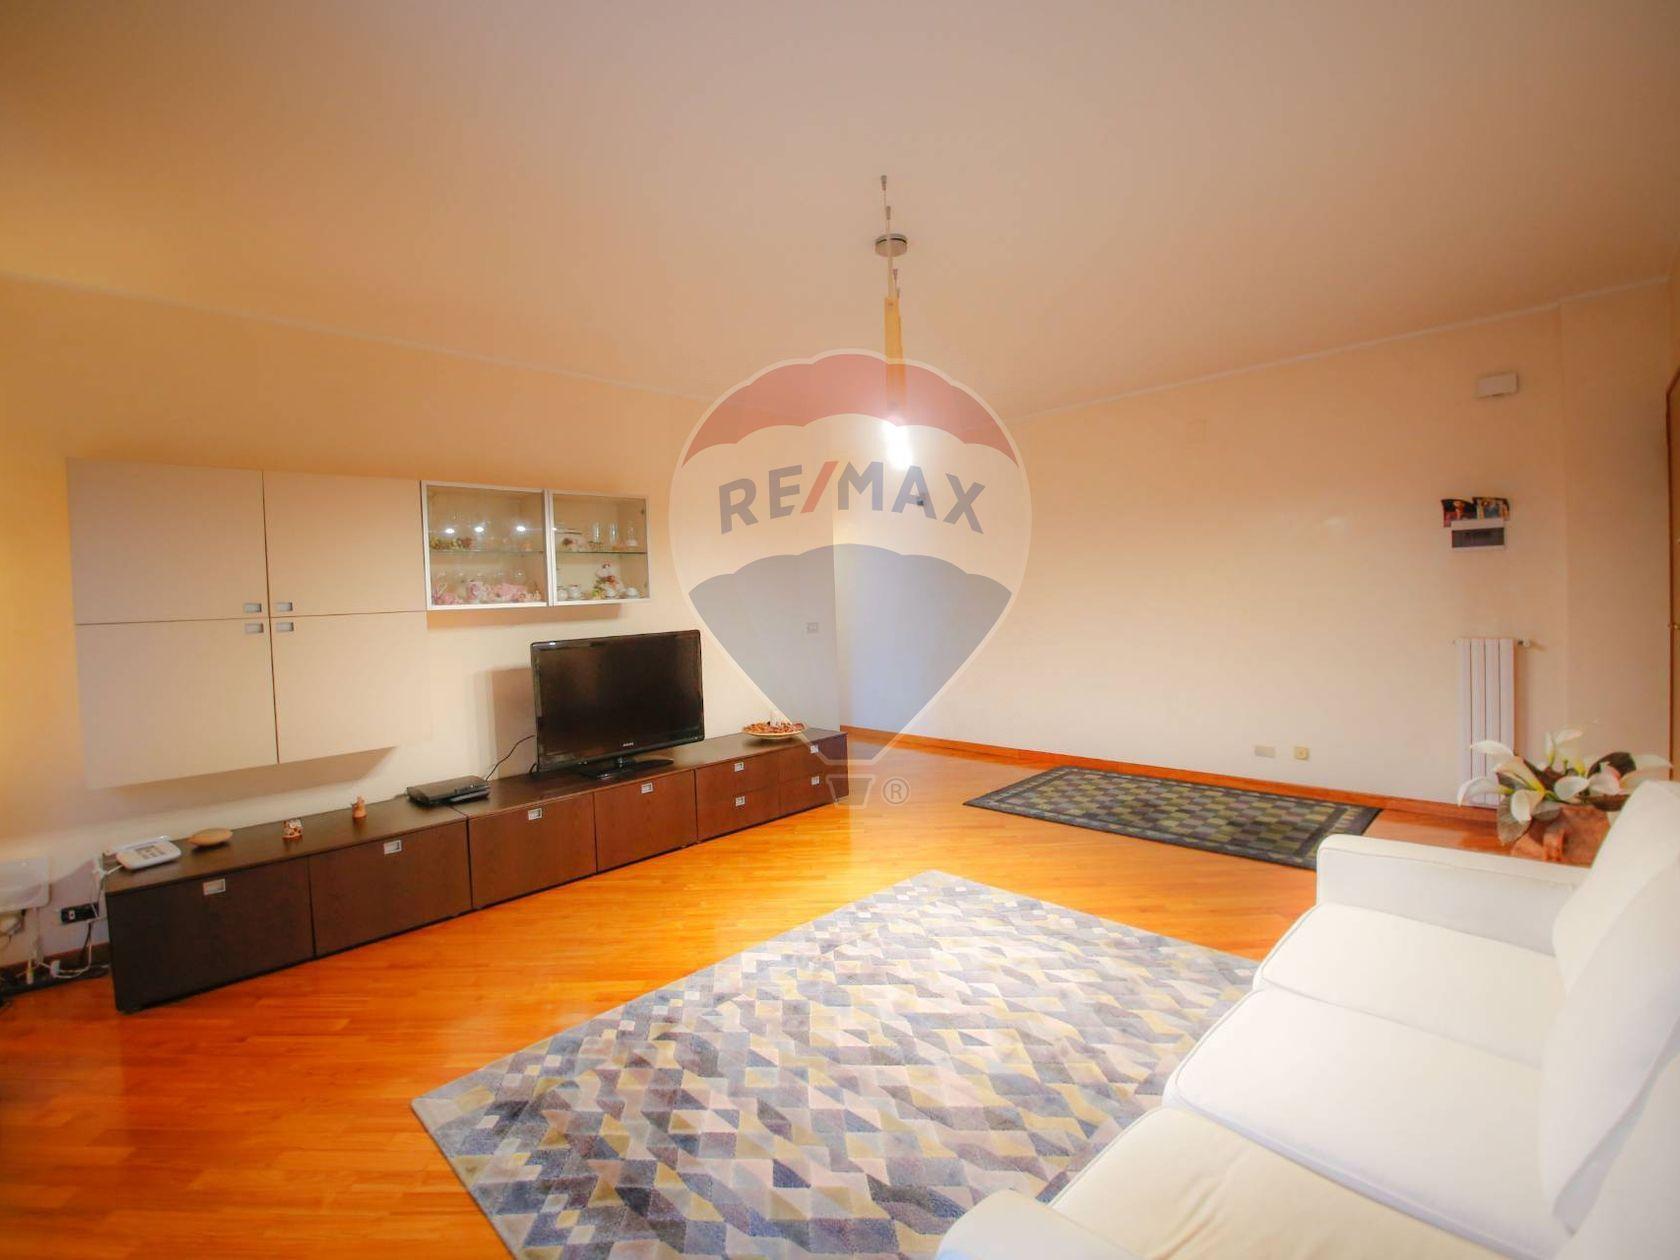 Appartamento Filippone, Chieti, CH Vendita - Foto 6